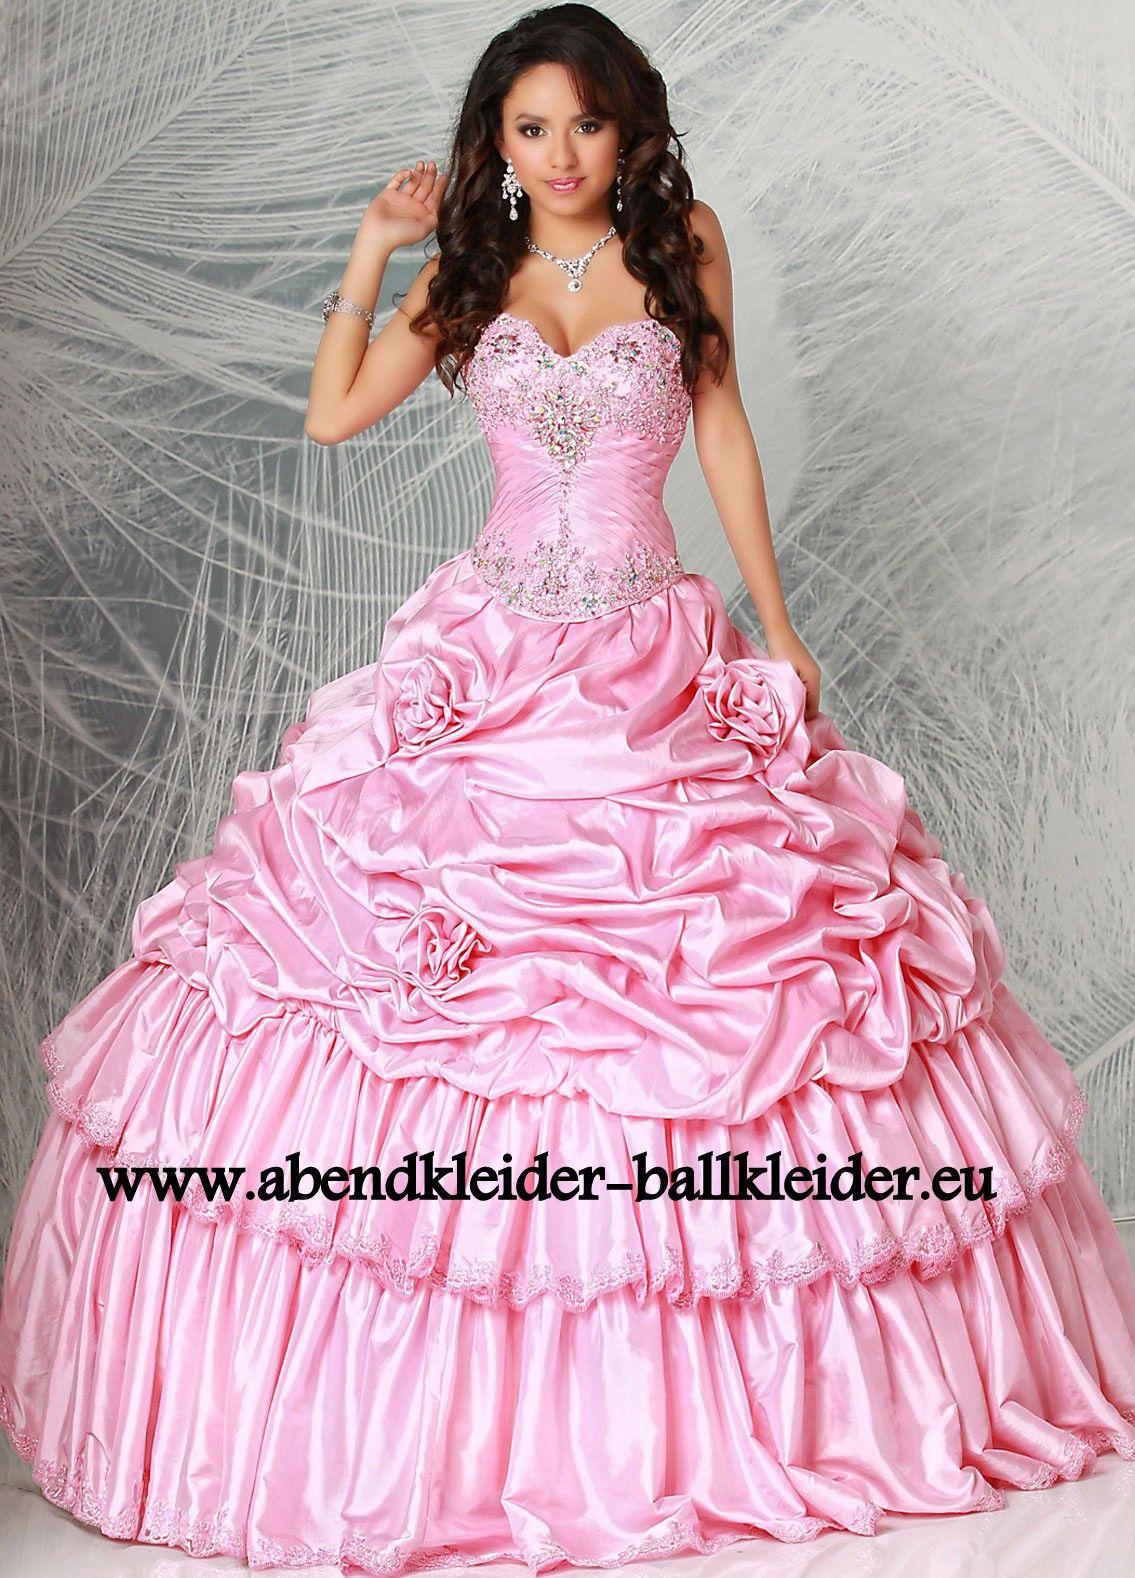 schönes abendkleid ballkleid online in rosa | abendkleid